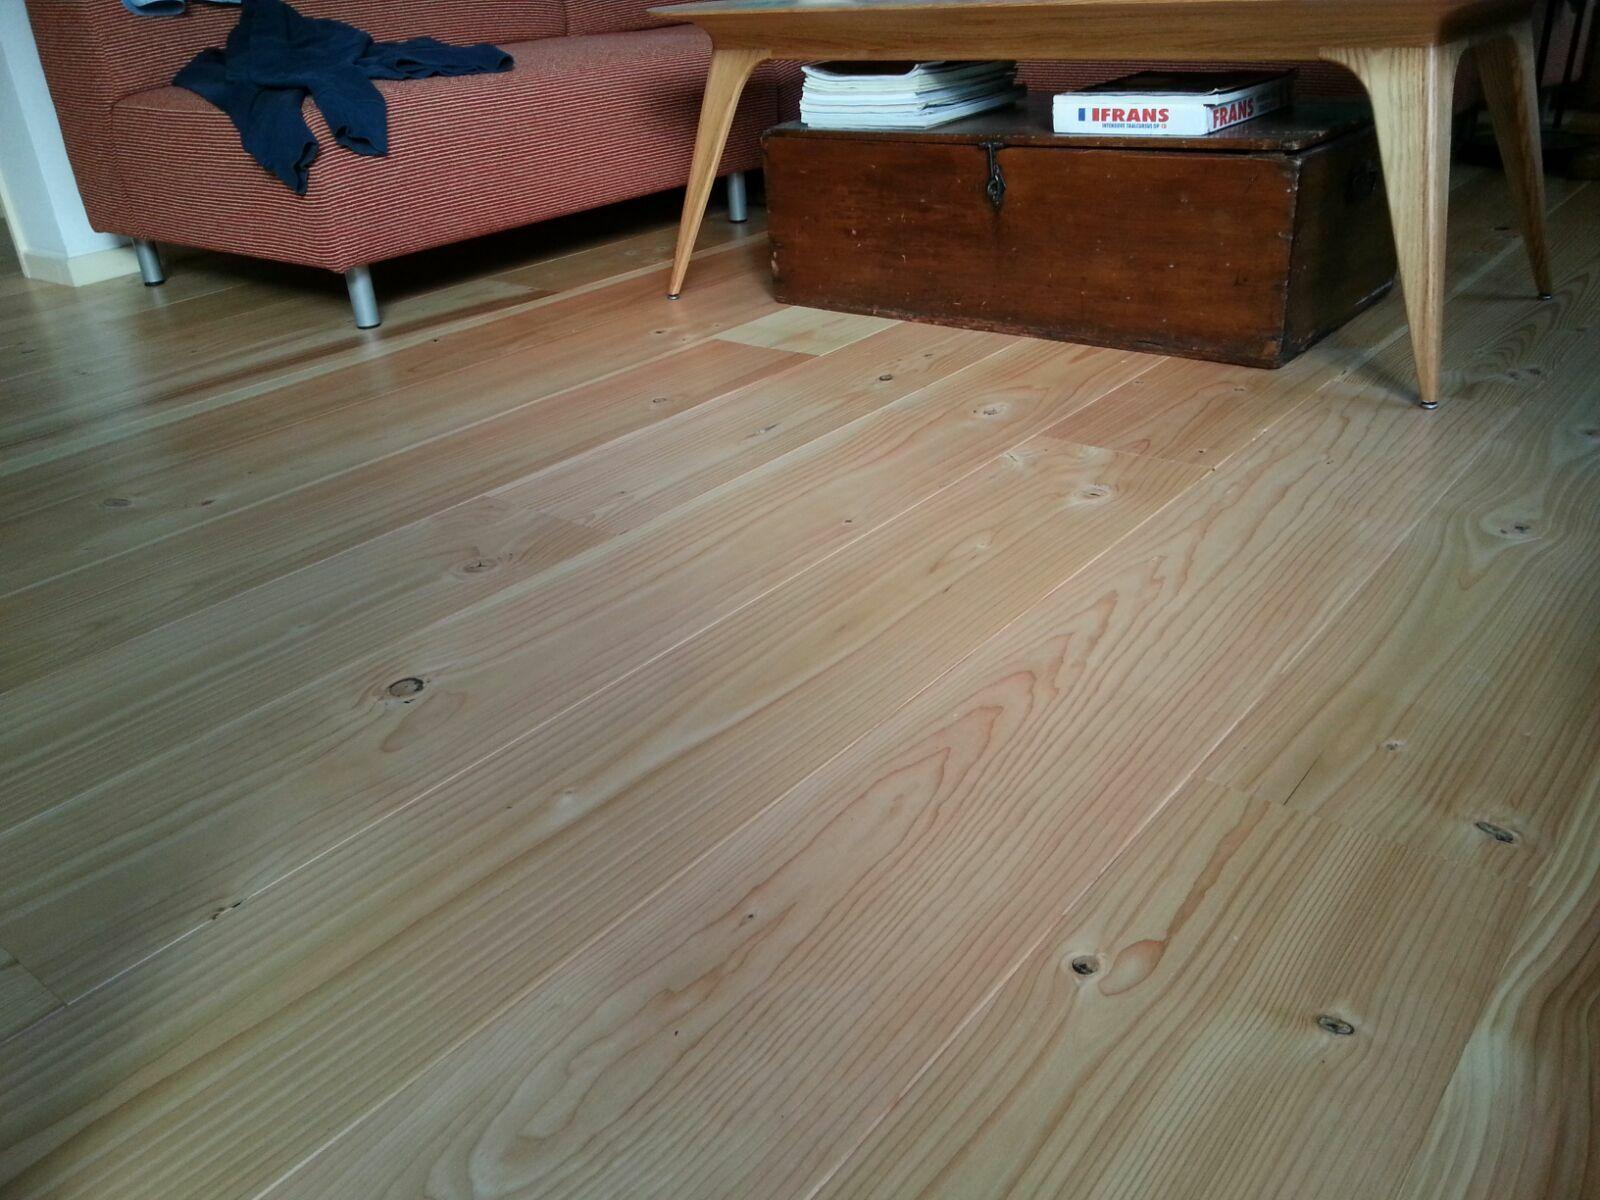 Houten Vloer Vuren : Douglas vloerdelen eppinga